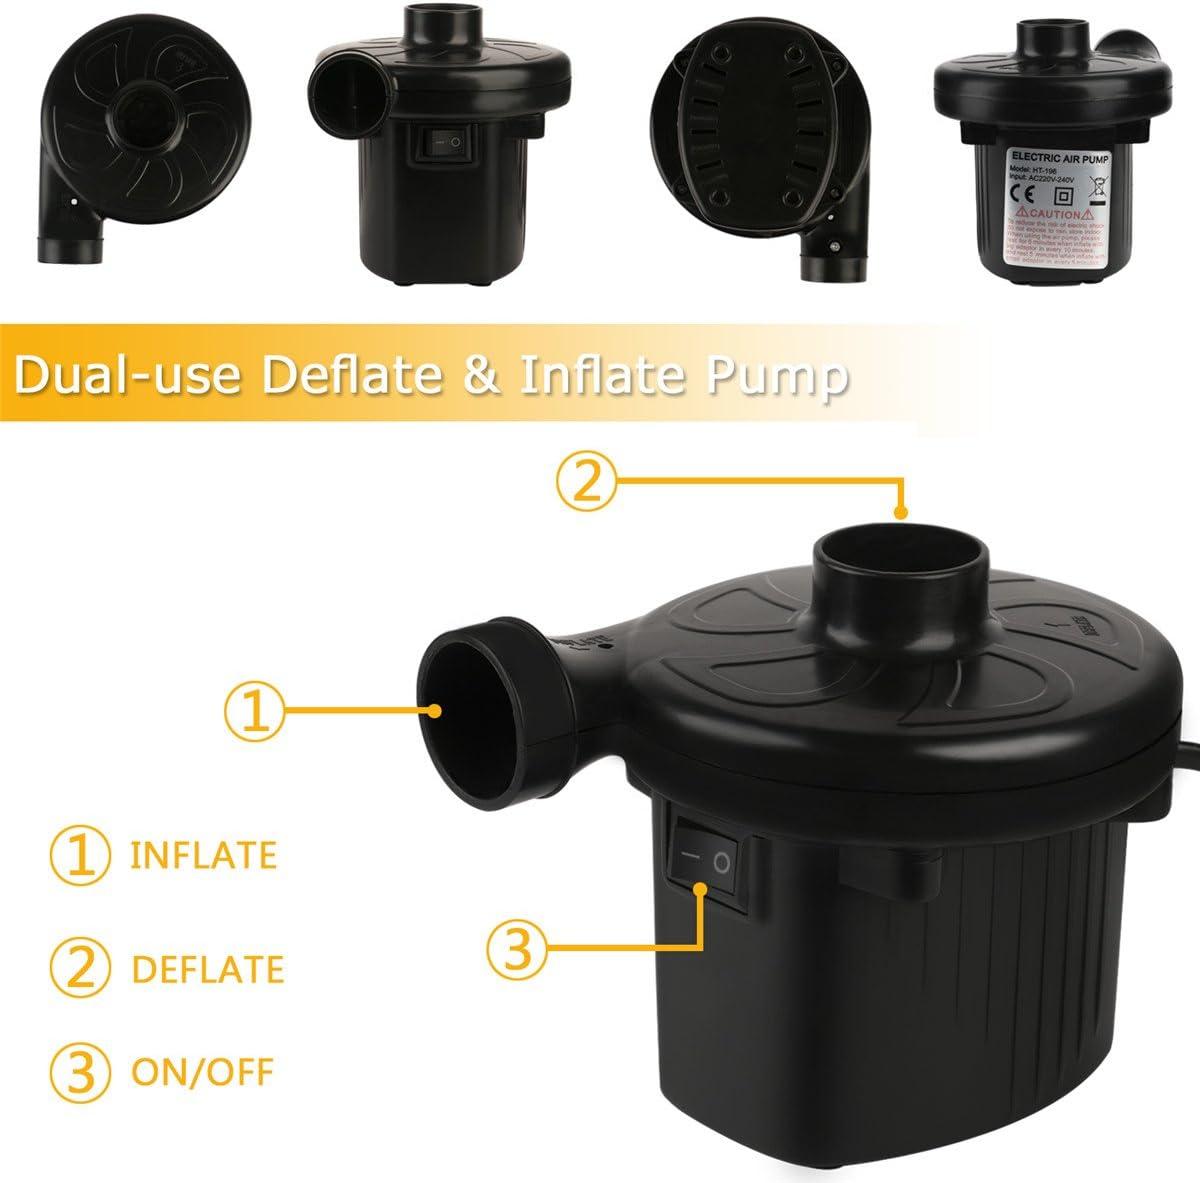 ONBET Elektrische Pumpe f/ür Inflatable Luftmatratze Planschbecken Spielzeug AC220-240V//130W Schwarz